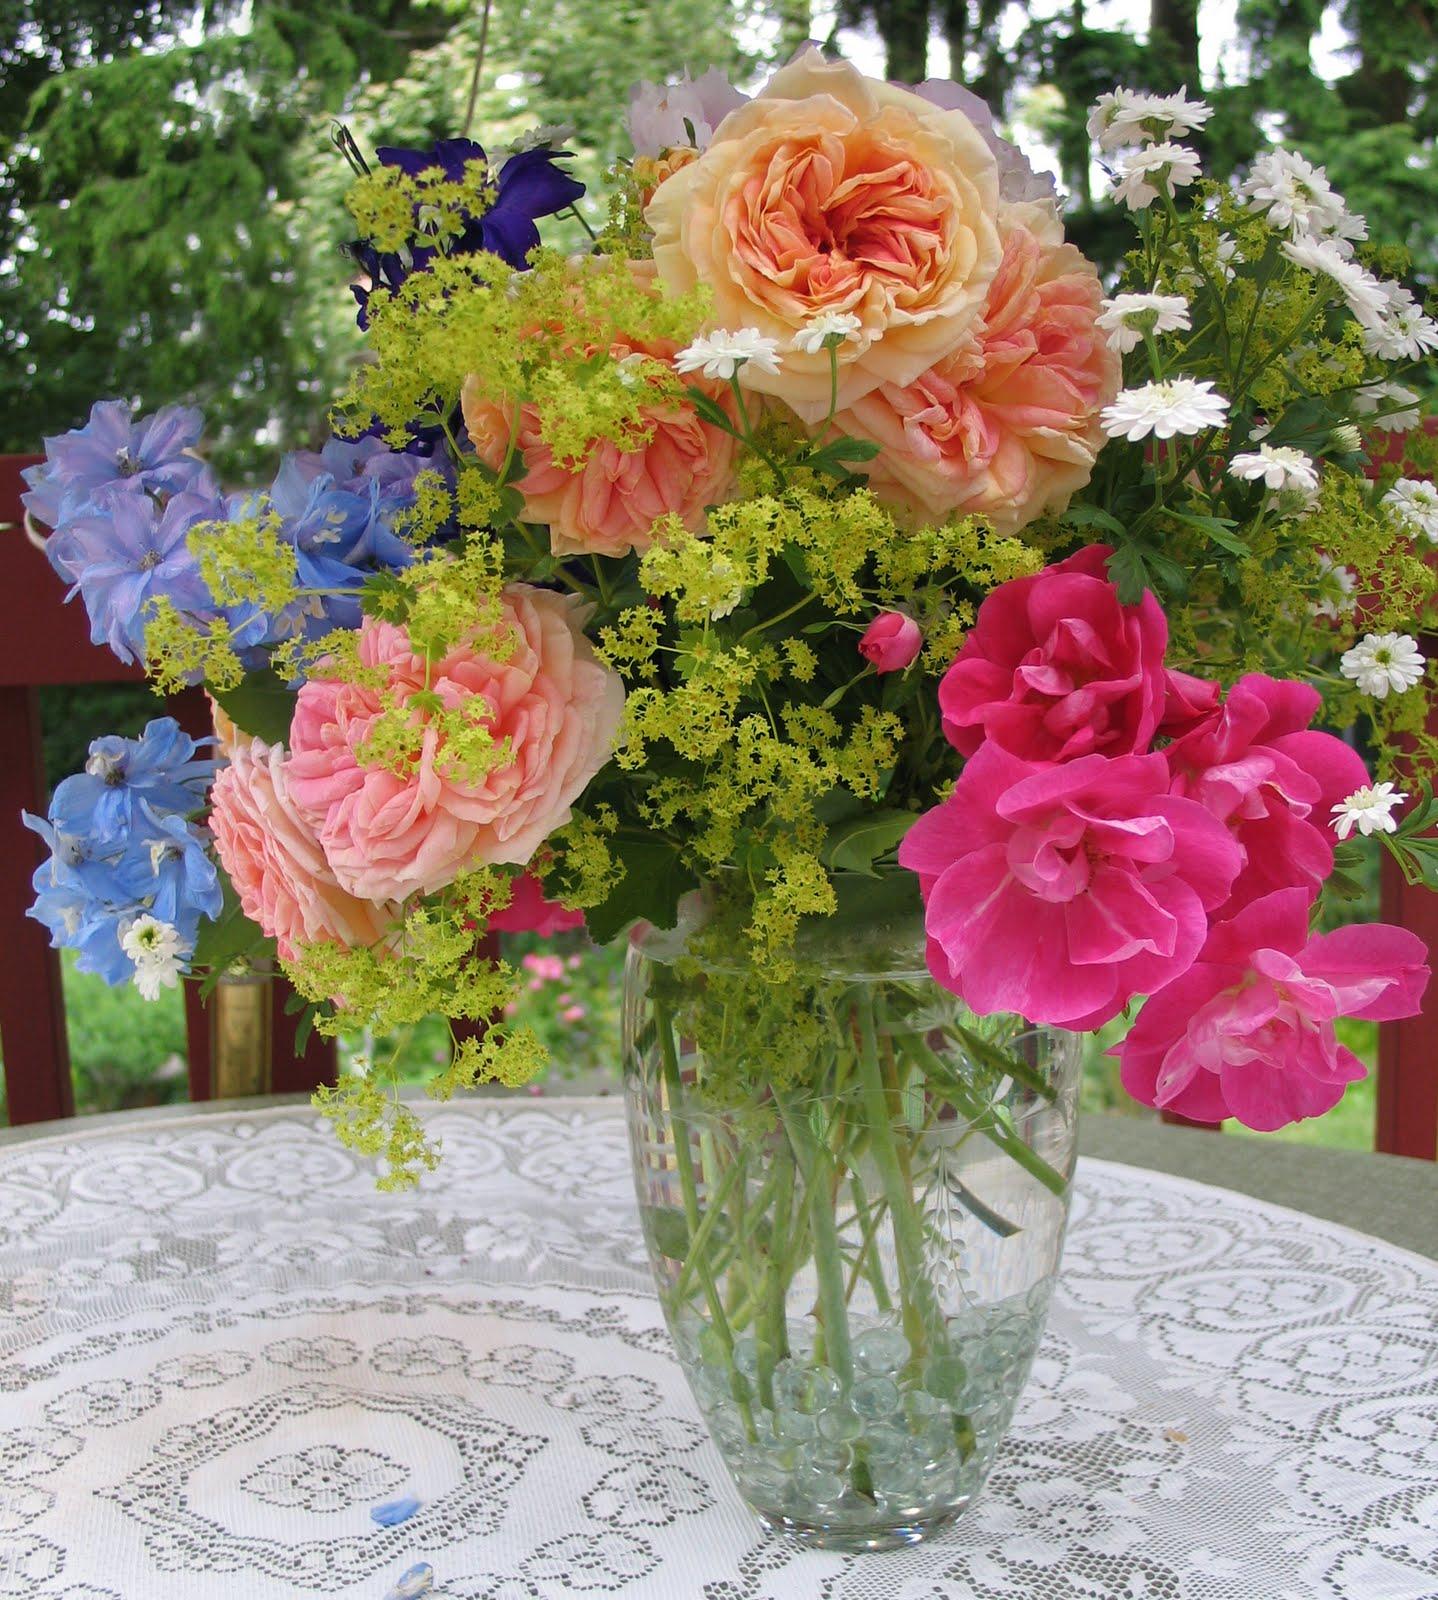 My petal press garden blog cut flowers from my garden for Best flowers for cutting garden